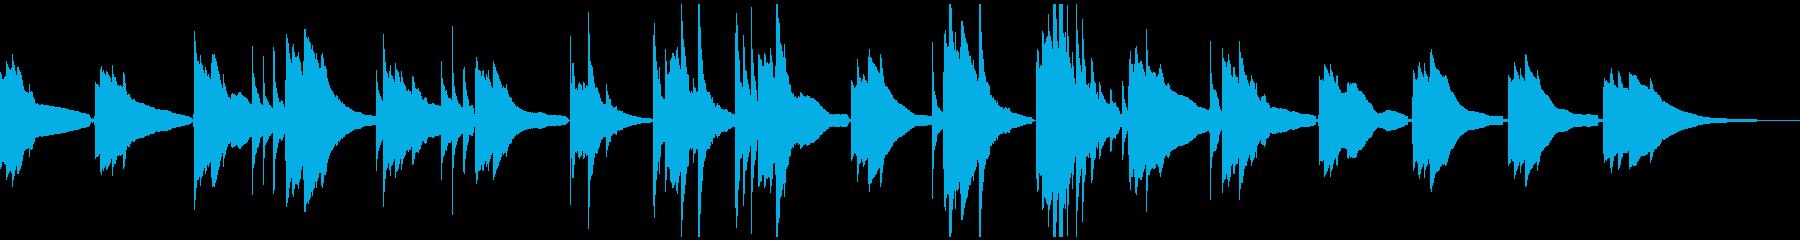 スローテンポなアコースティックギターソロの再生済みの波形